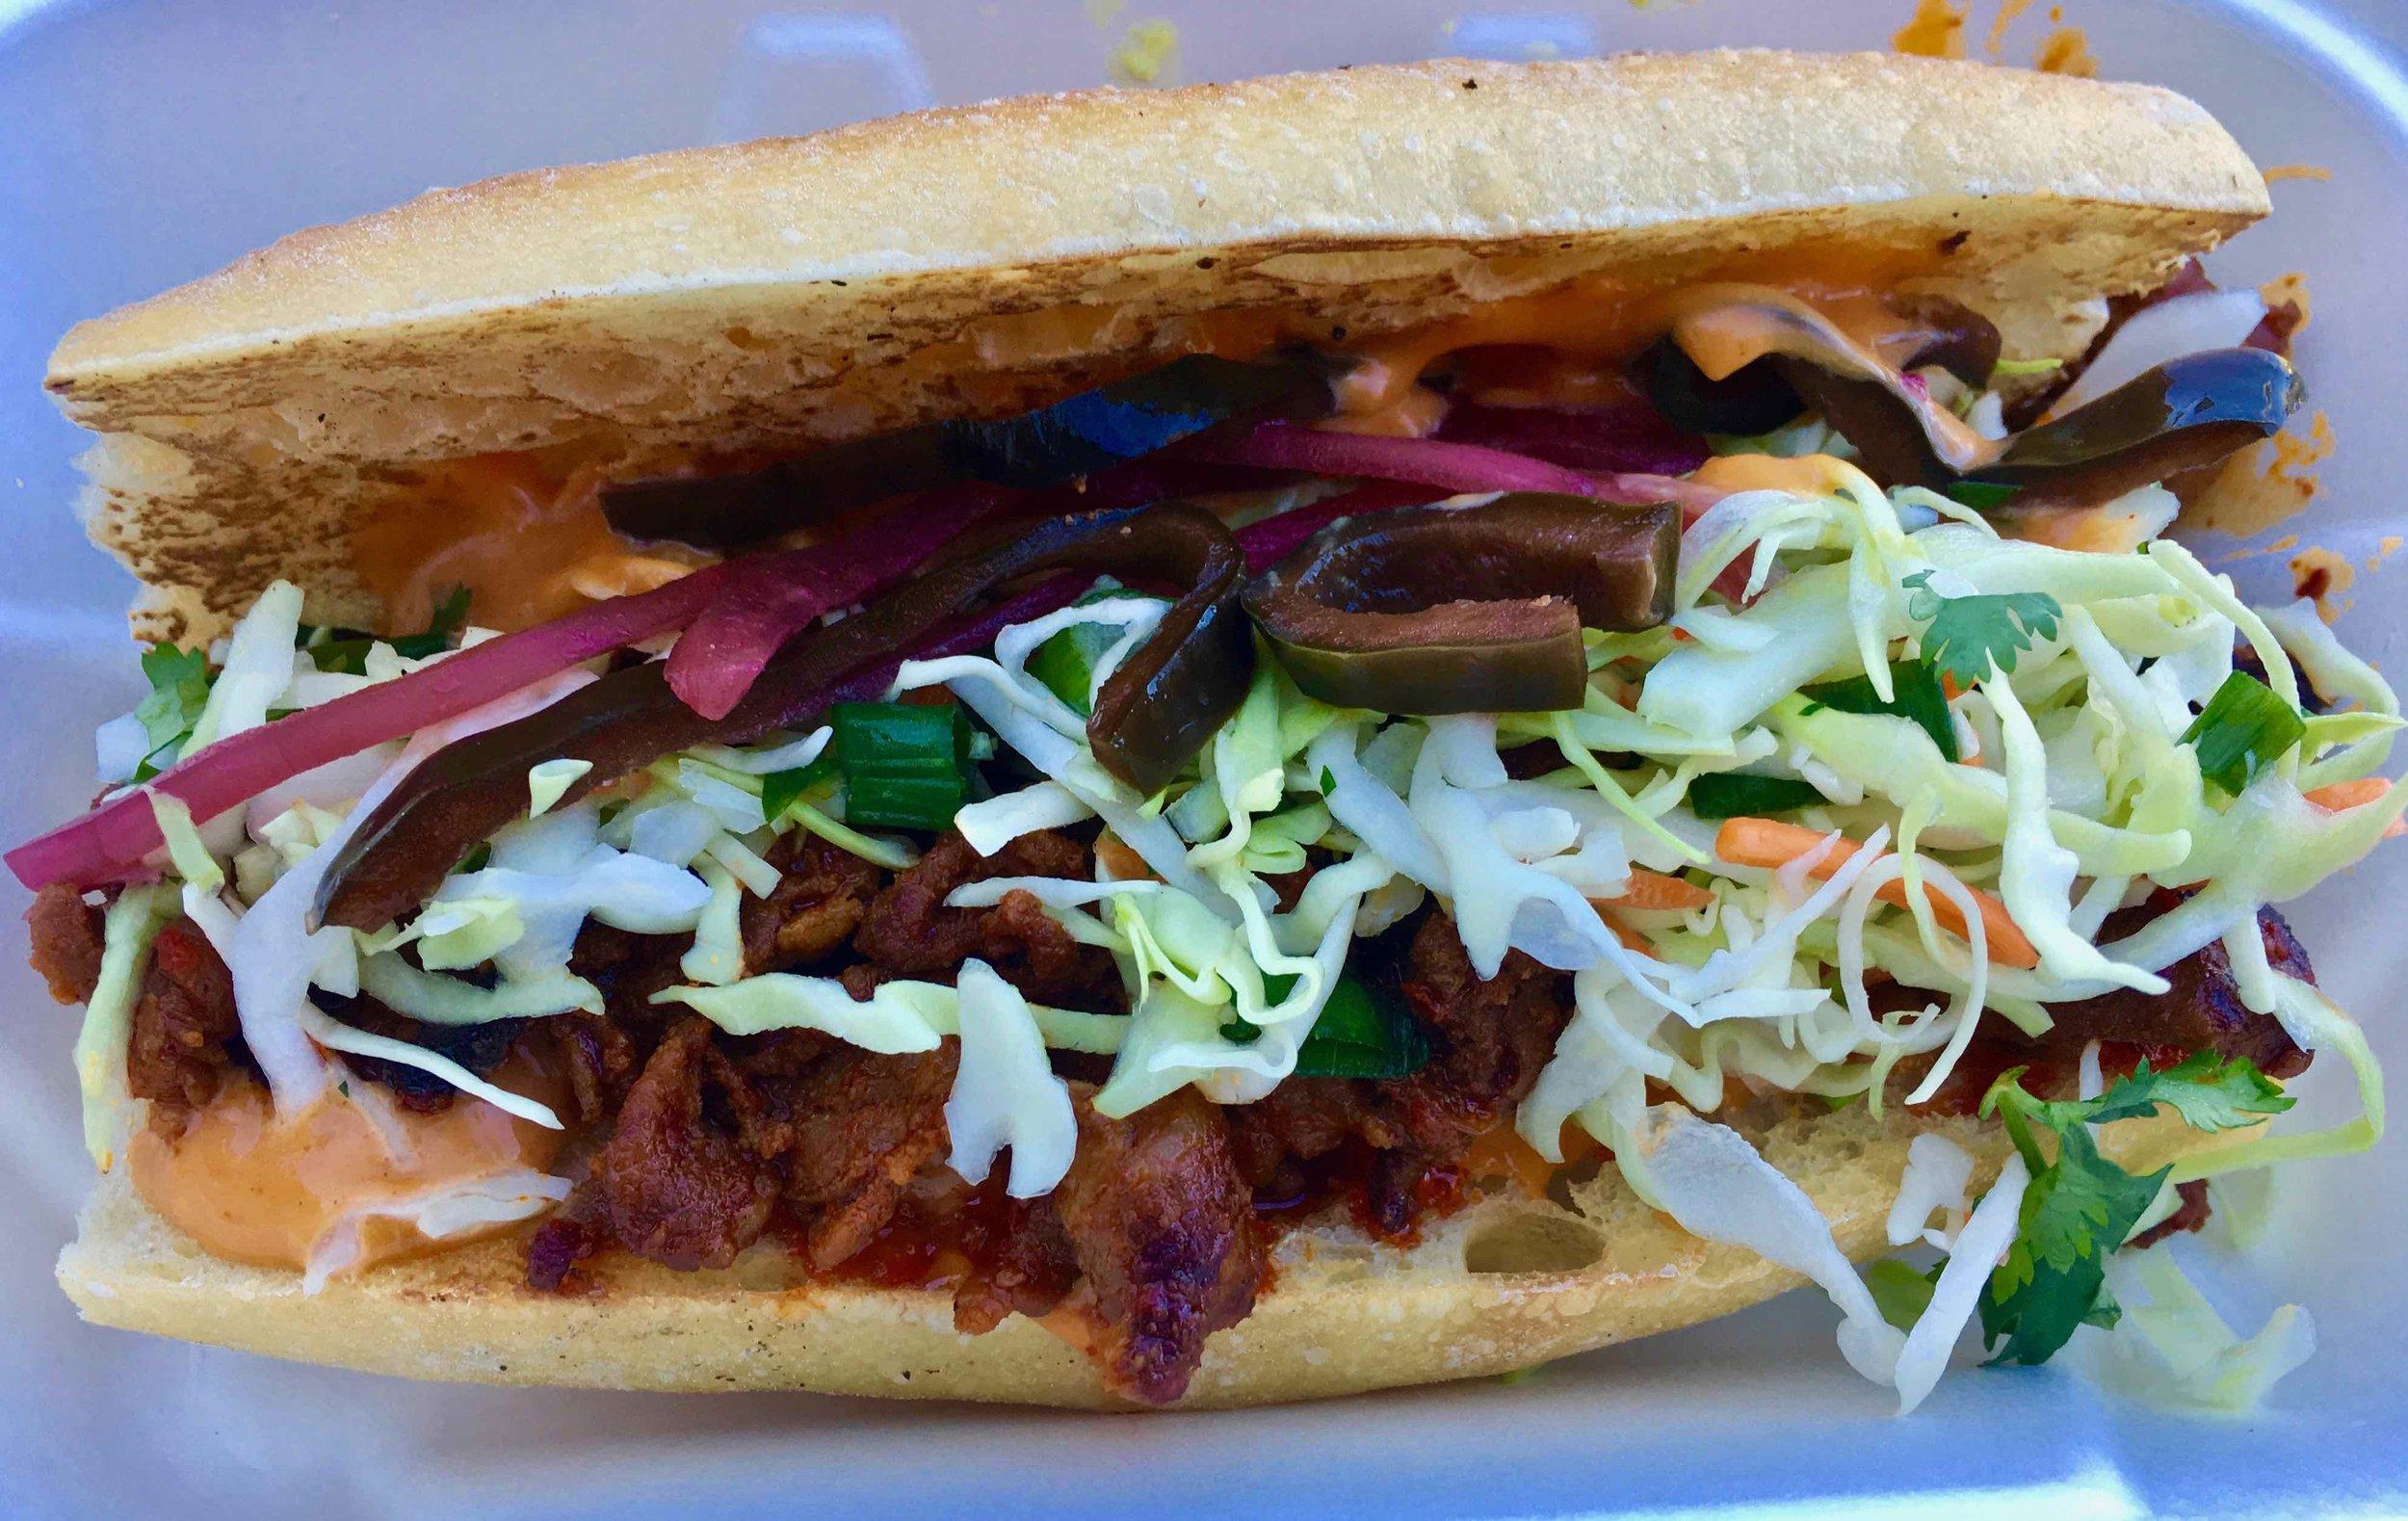 spicy pork sandwich